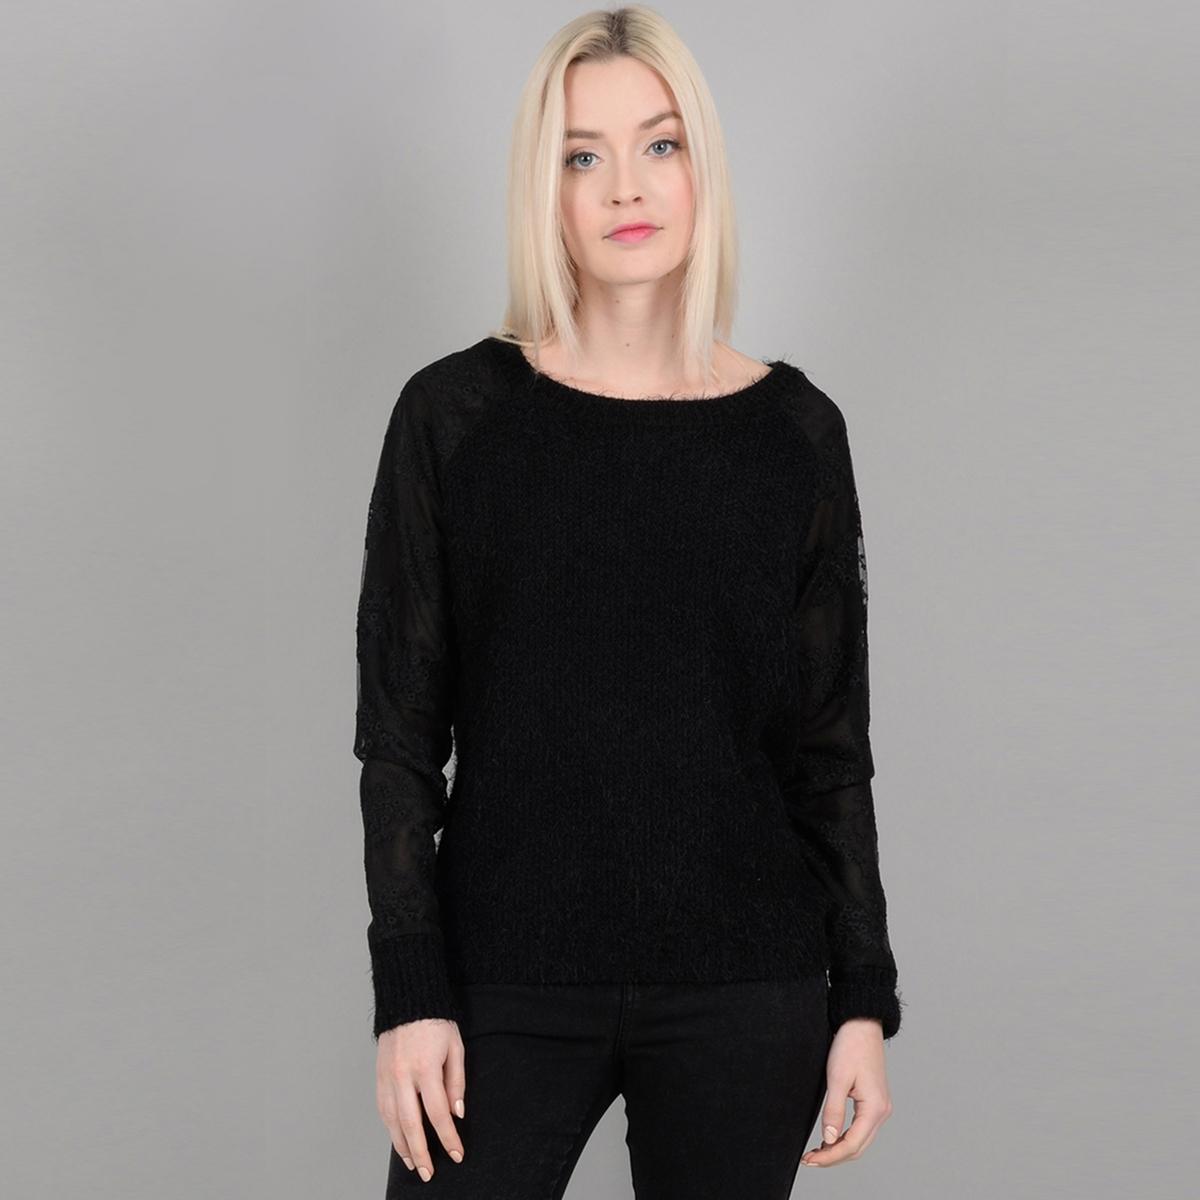 Пуловер La Redoute С круглым вырезом из тонкого трикотажа XS черный платье la redoute облегающее с открытыми плечами из тонкого трикотажа xs черный